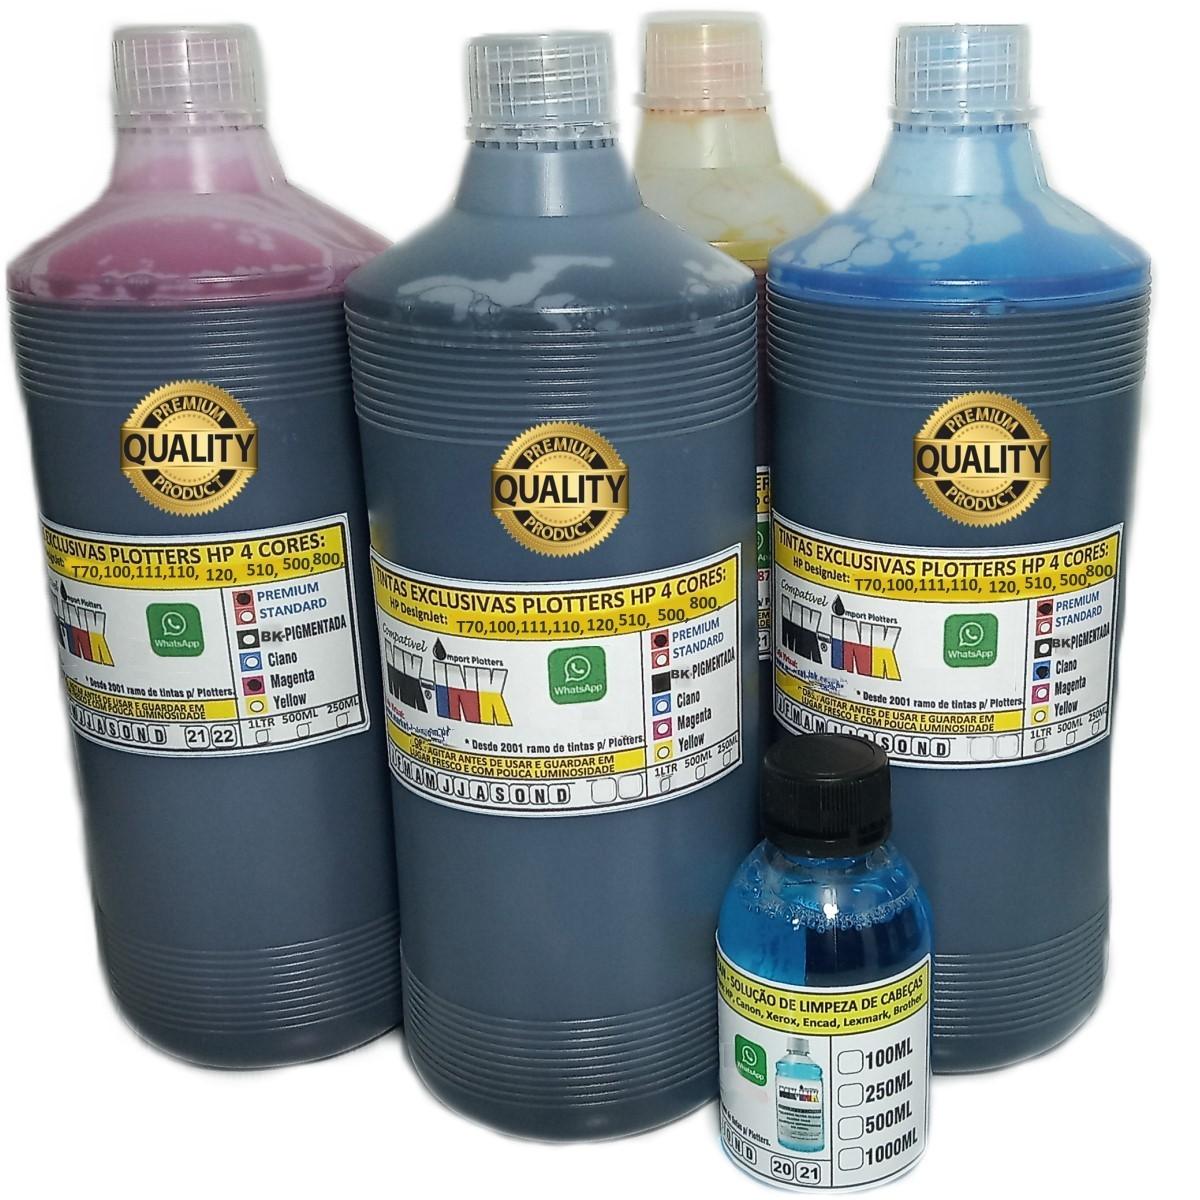 Tinta Premium Jg 4x500ml Plotter HP 4 cores exclusiva p/ Plotter HP 500, 510, 520, 800, 815, 820, 70, 100, 110, 111, 120 etc.